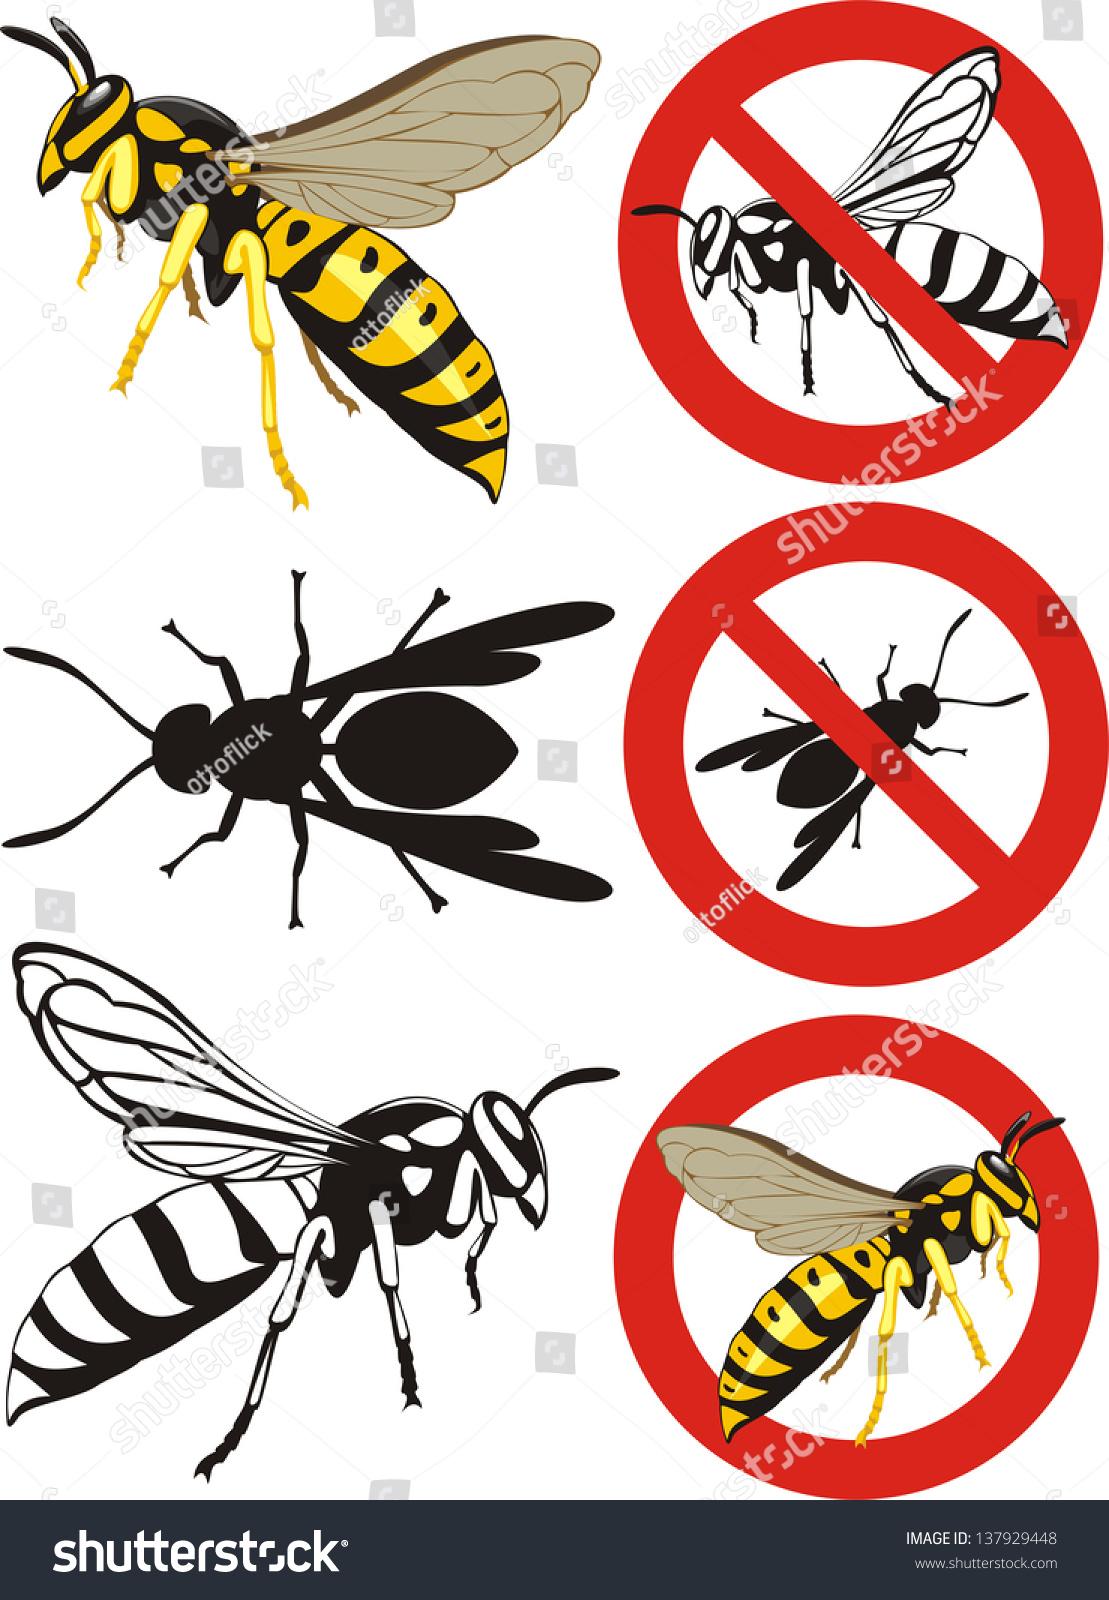 Wasp warning signs stock vector 137929448 shutterstock wasp warning signs biocorpaavc